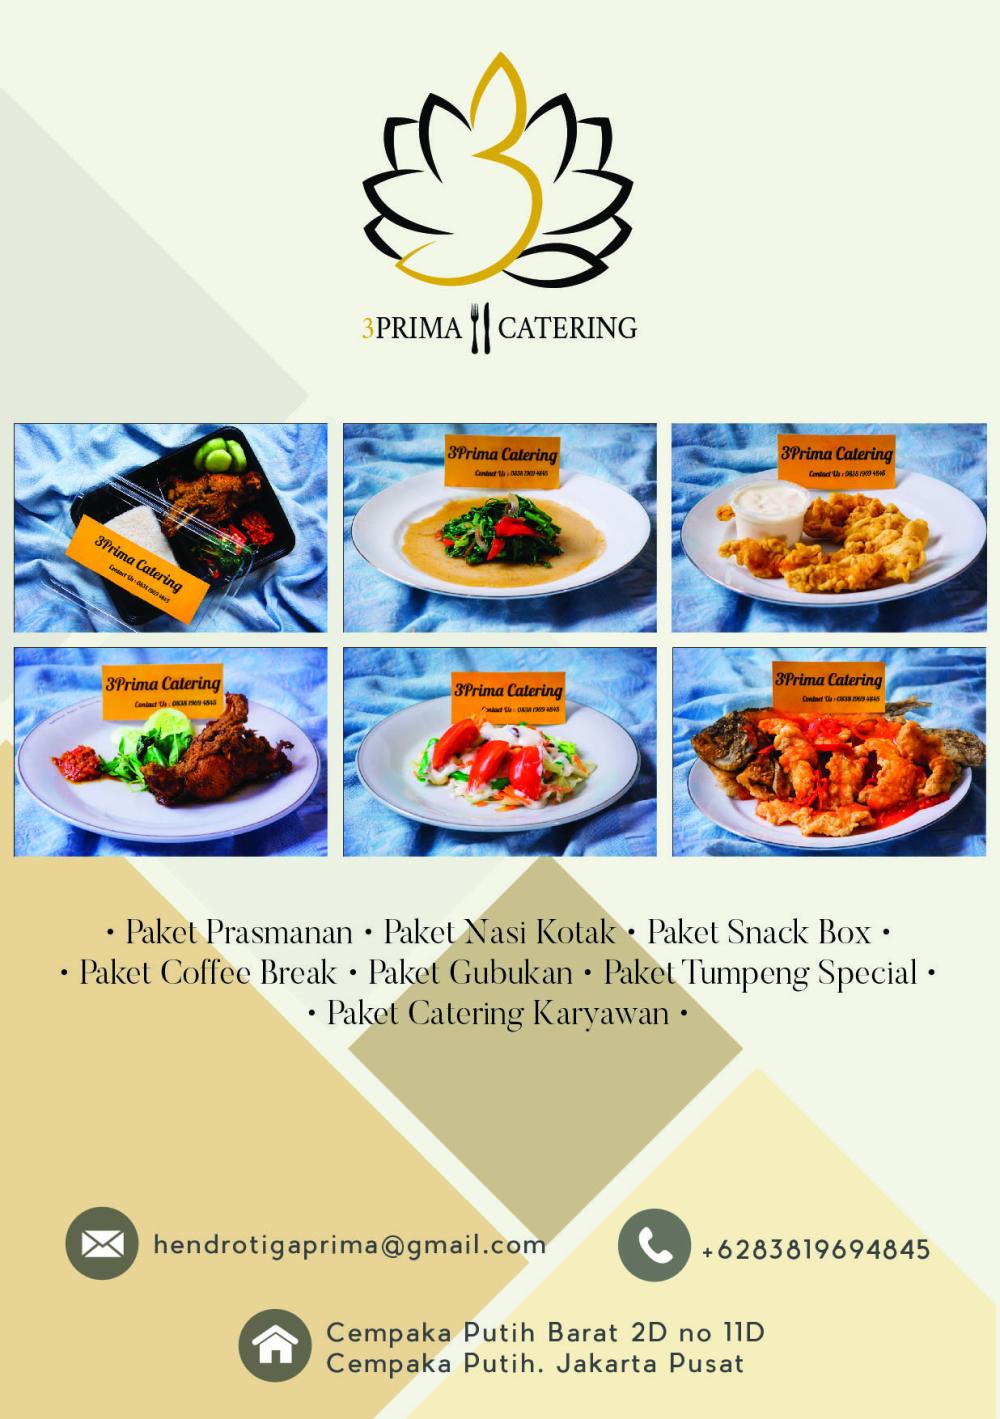 3 prima catering katering pernikahan